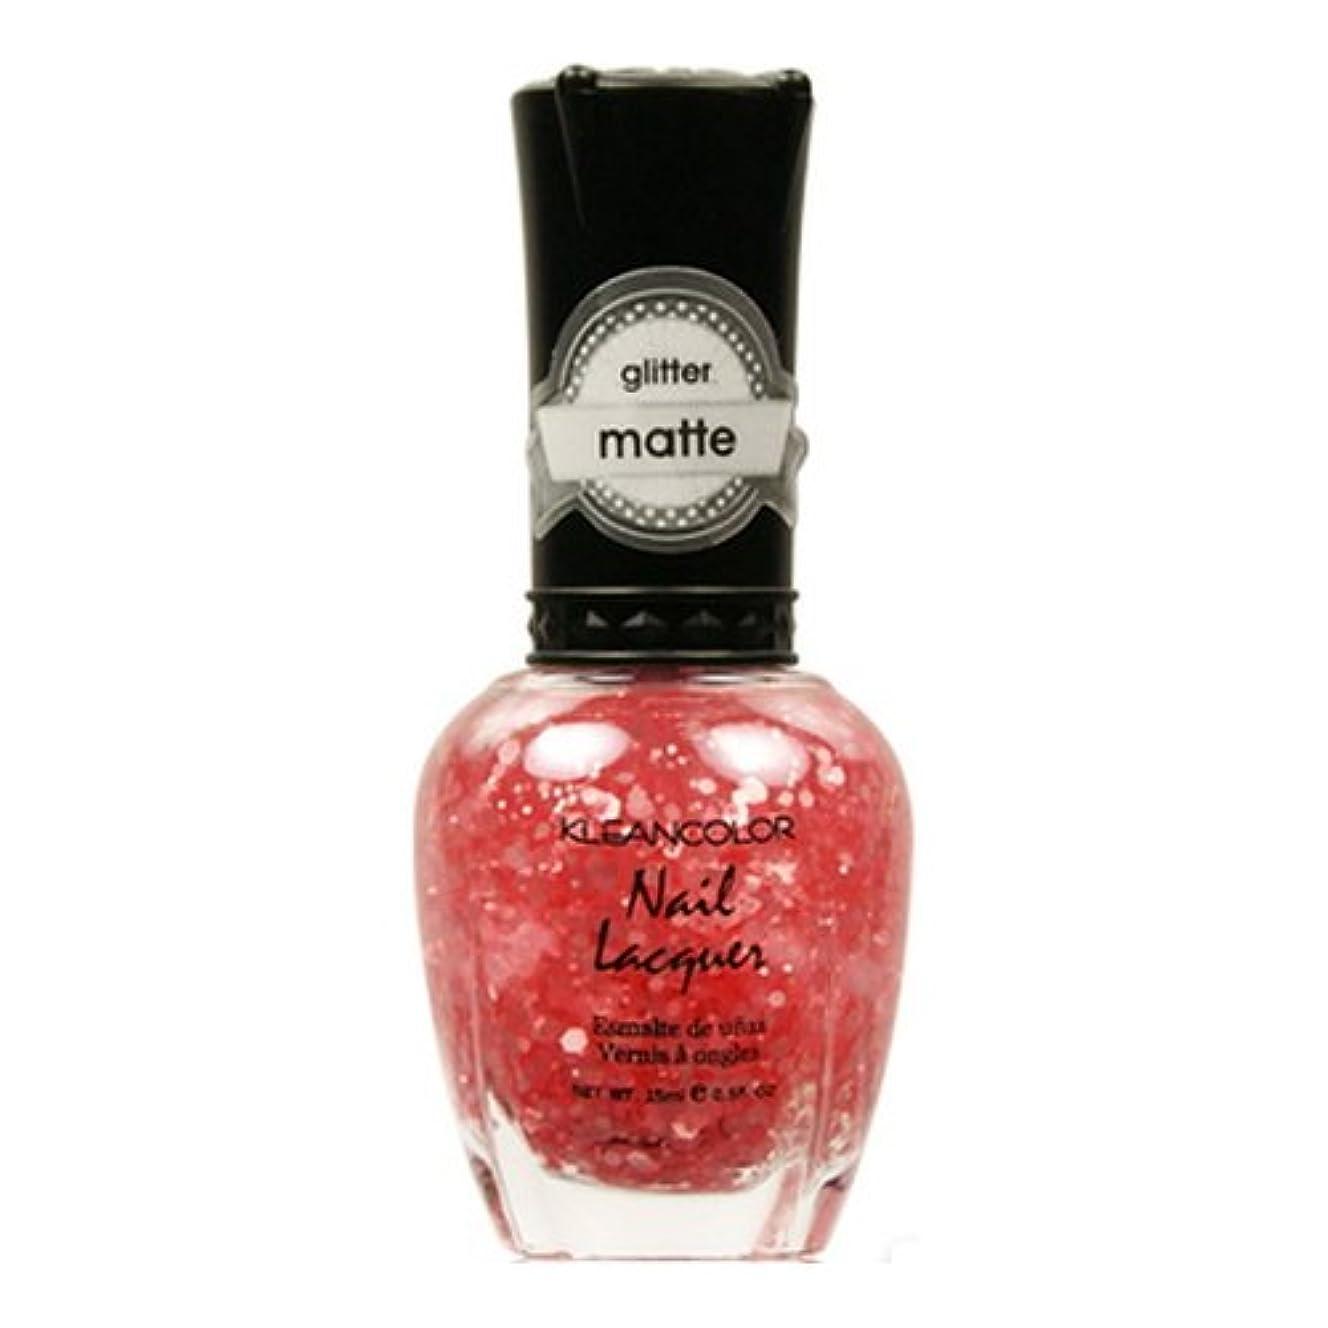 絶滅のために商業の(3 Pack) KLEANCOLOR Glitter Matte Nail Lacquer - Blush Pink (並行輸入品)